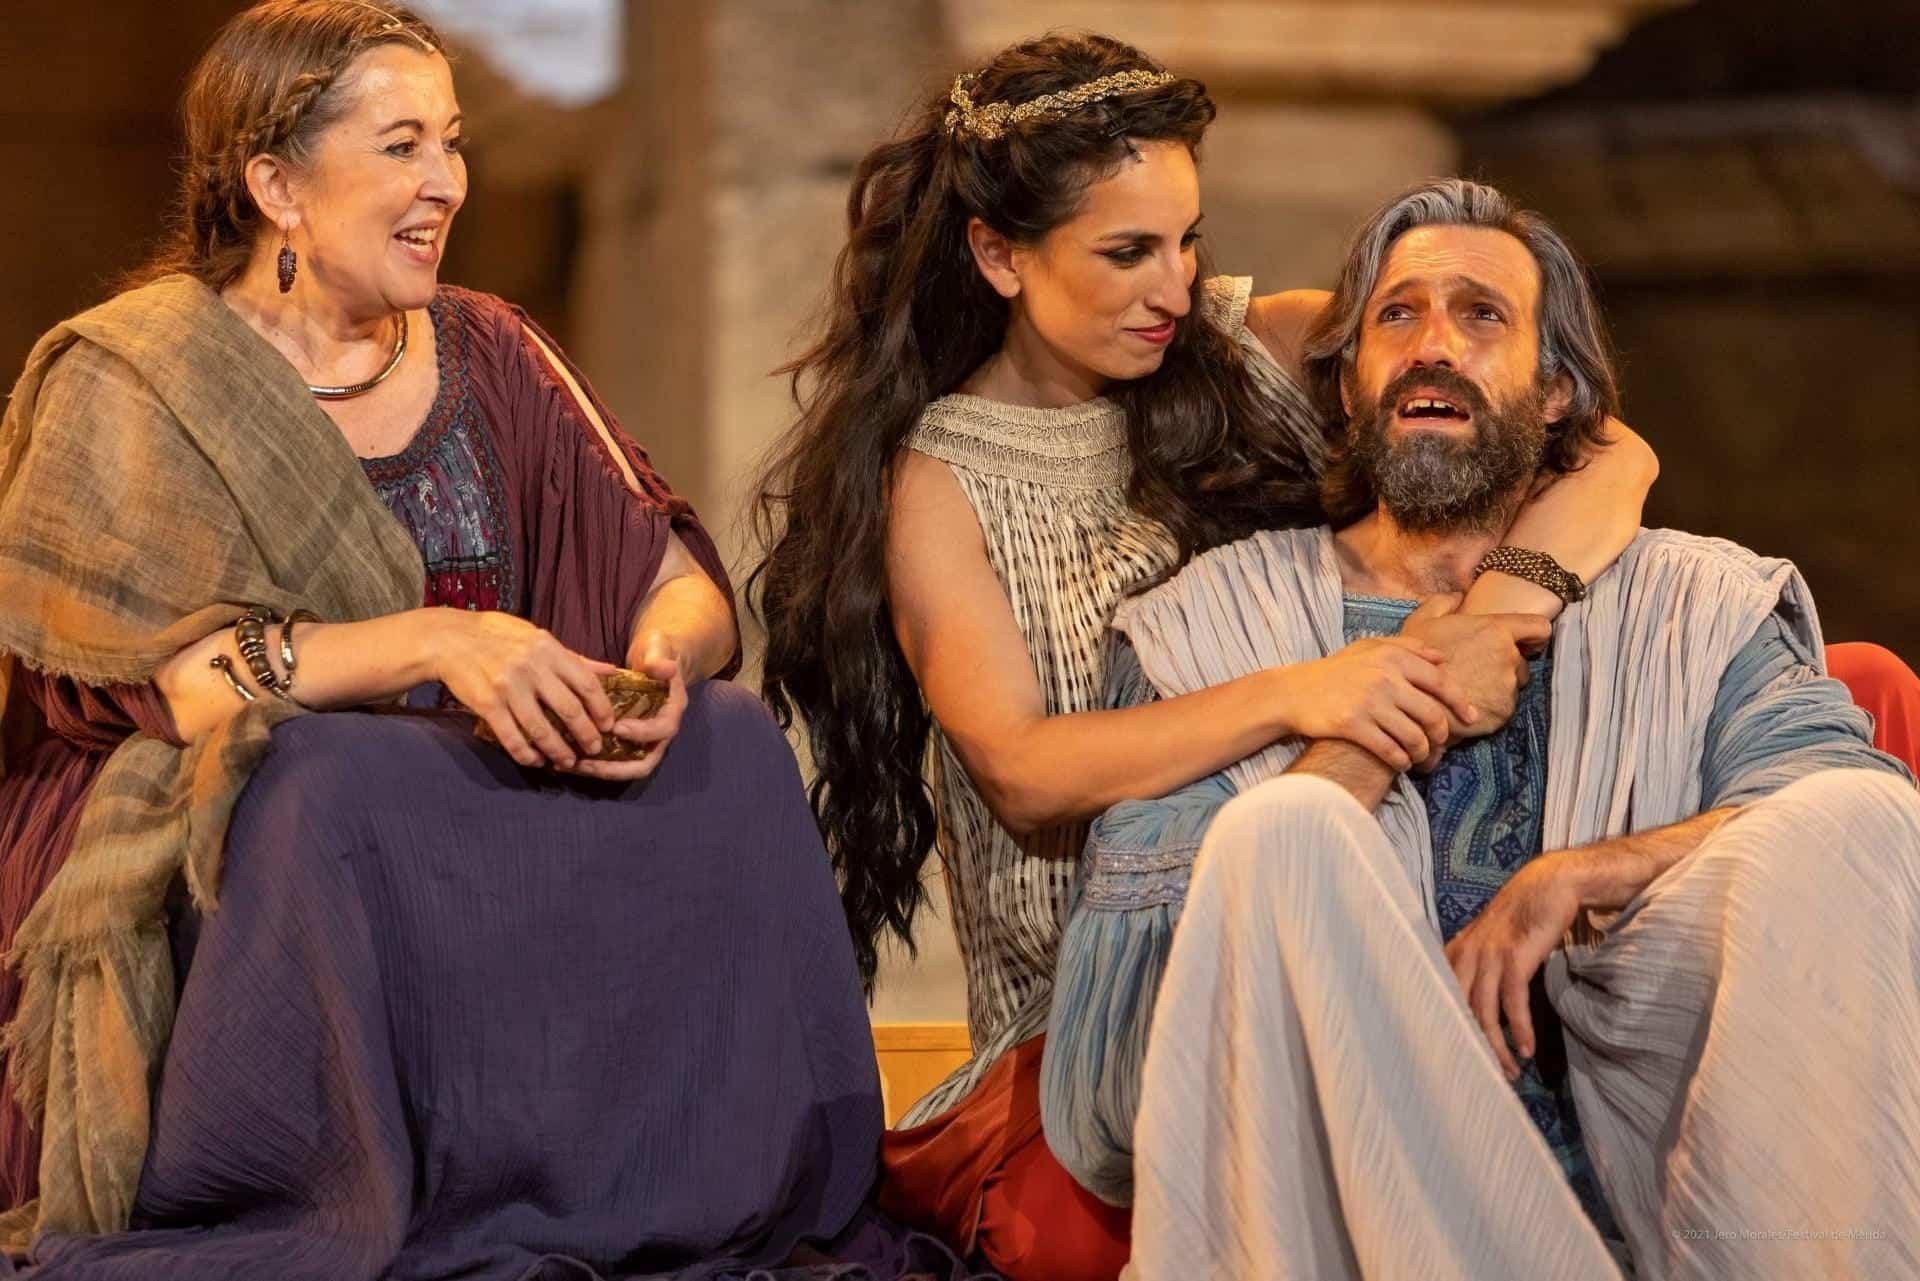 El vestuario de Rafael Garrigós, vuelve a brillar sobre el teatro romano de Mérida 32